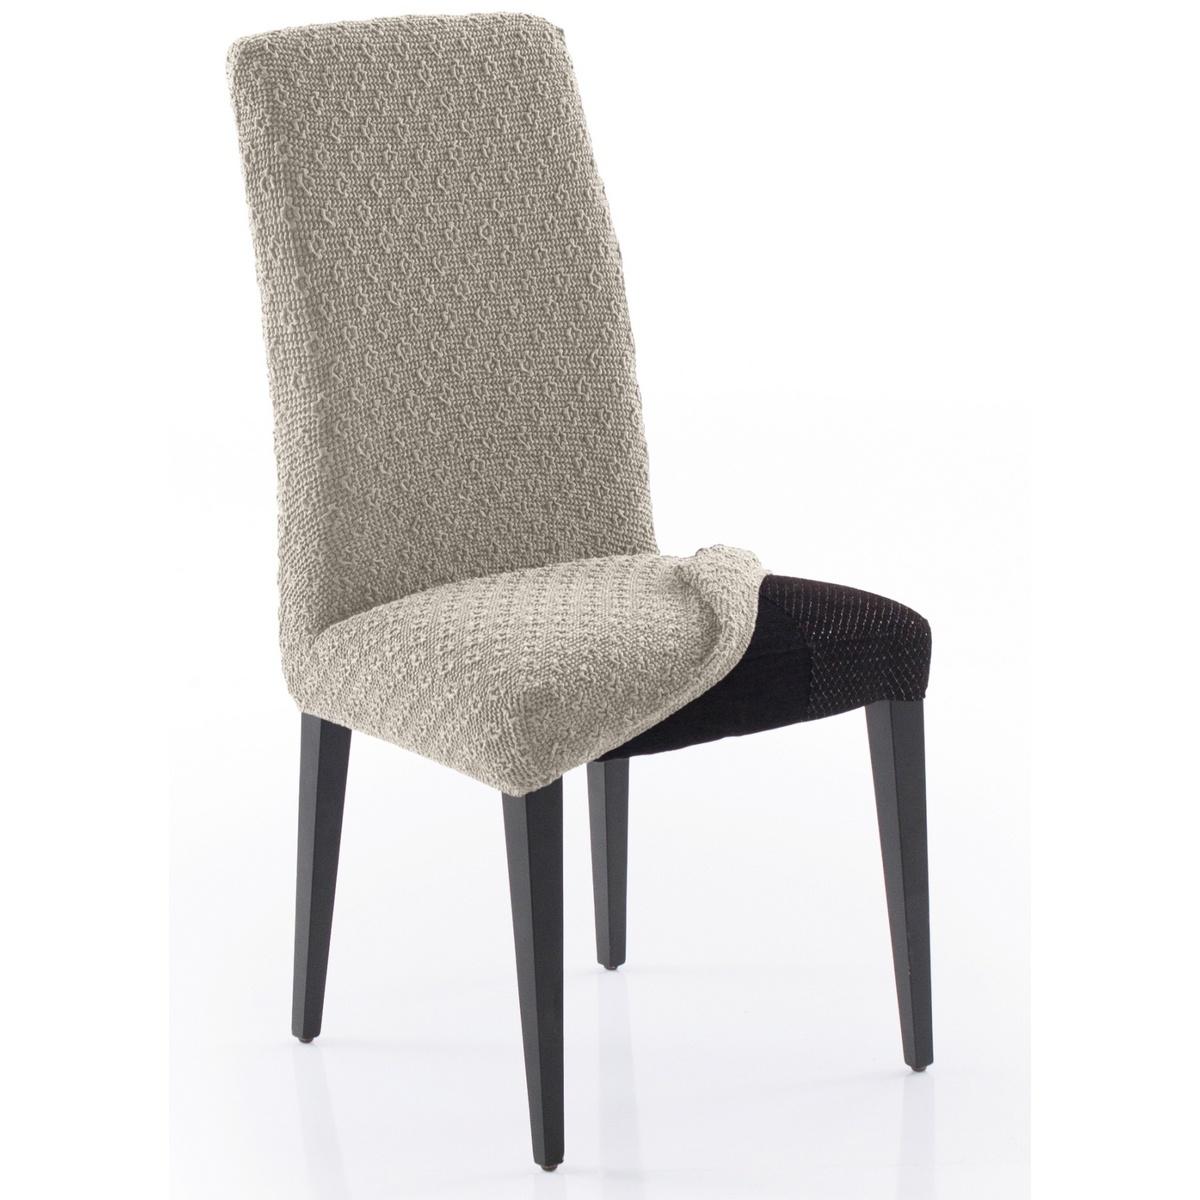 Forbyt Multielastický potah na celou židli Martin béžová , 60 x 50 x 60 cm, sada 2 ks